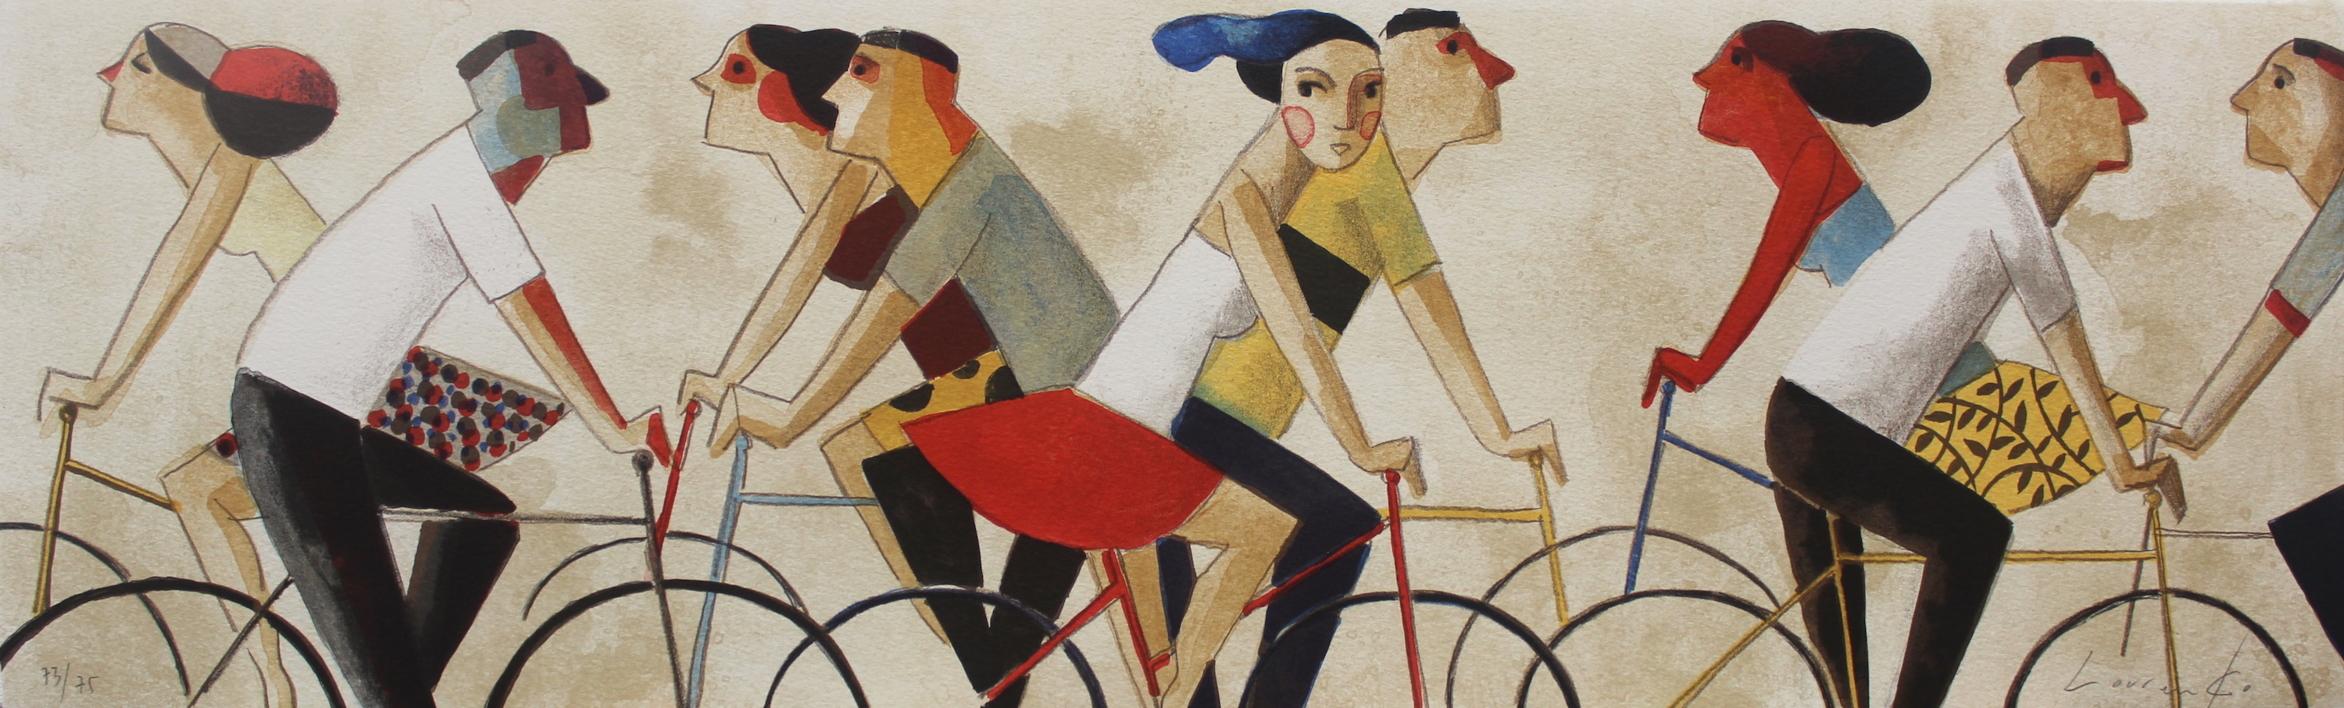 En Bici |Obra gráfica de Didier Lourenço | Compra arte en Flecha.es